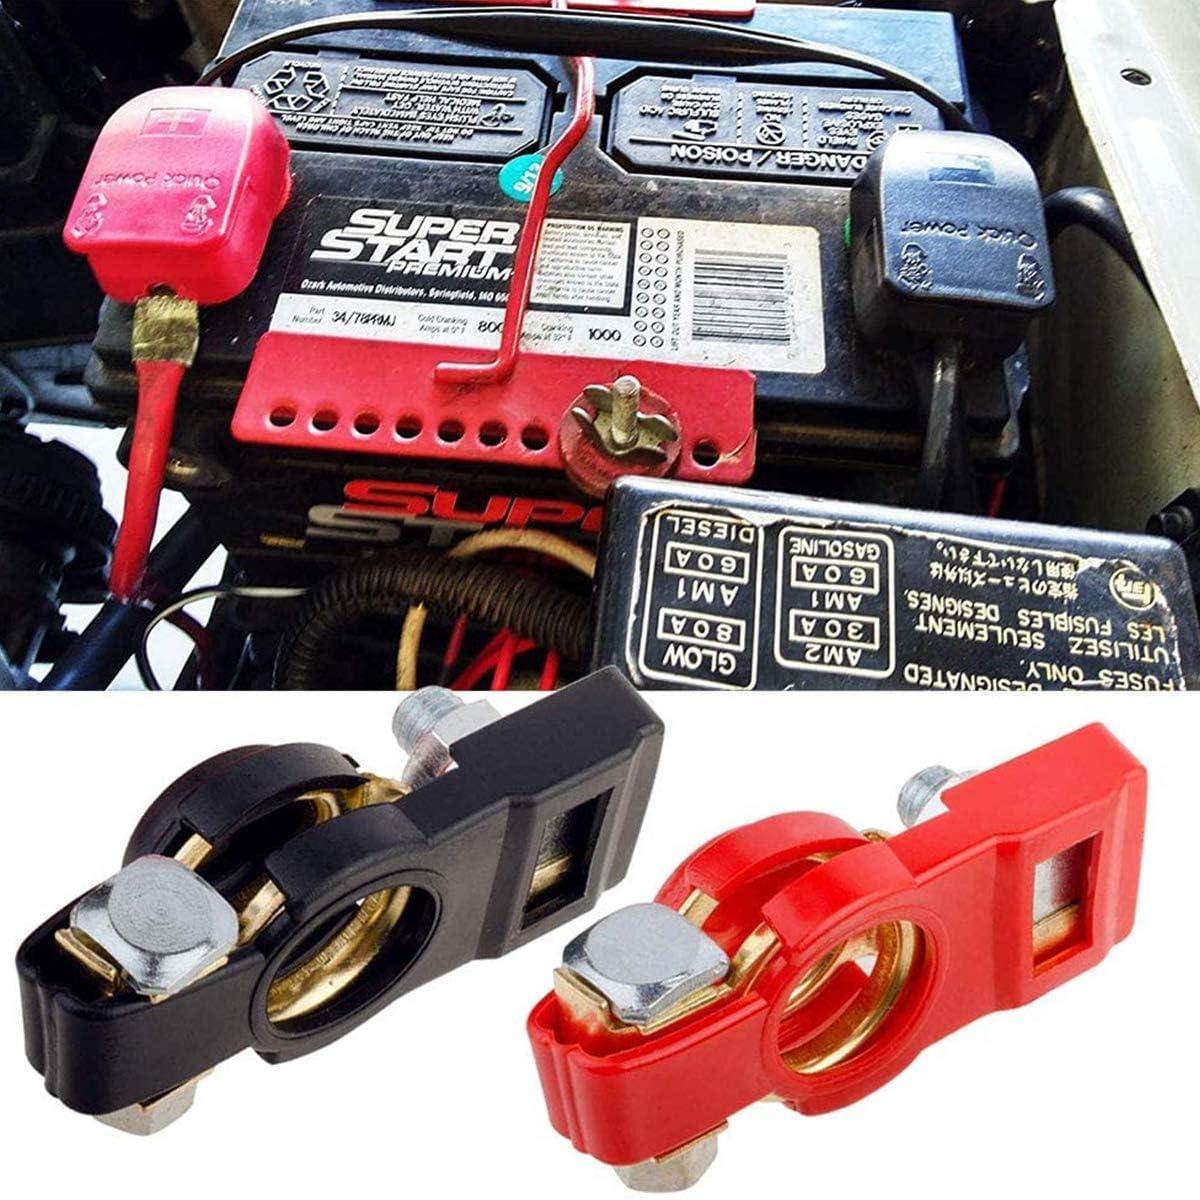 ZHITING 2 Pezzi Terminali di Batteria Connettori Morsetti Batteria a Sgancio Rapido Battery Terminal con 6 Anello in Rame per Auto Camion Barca